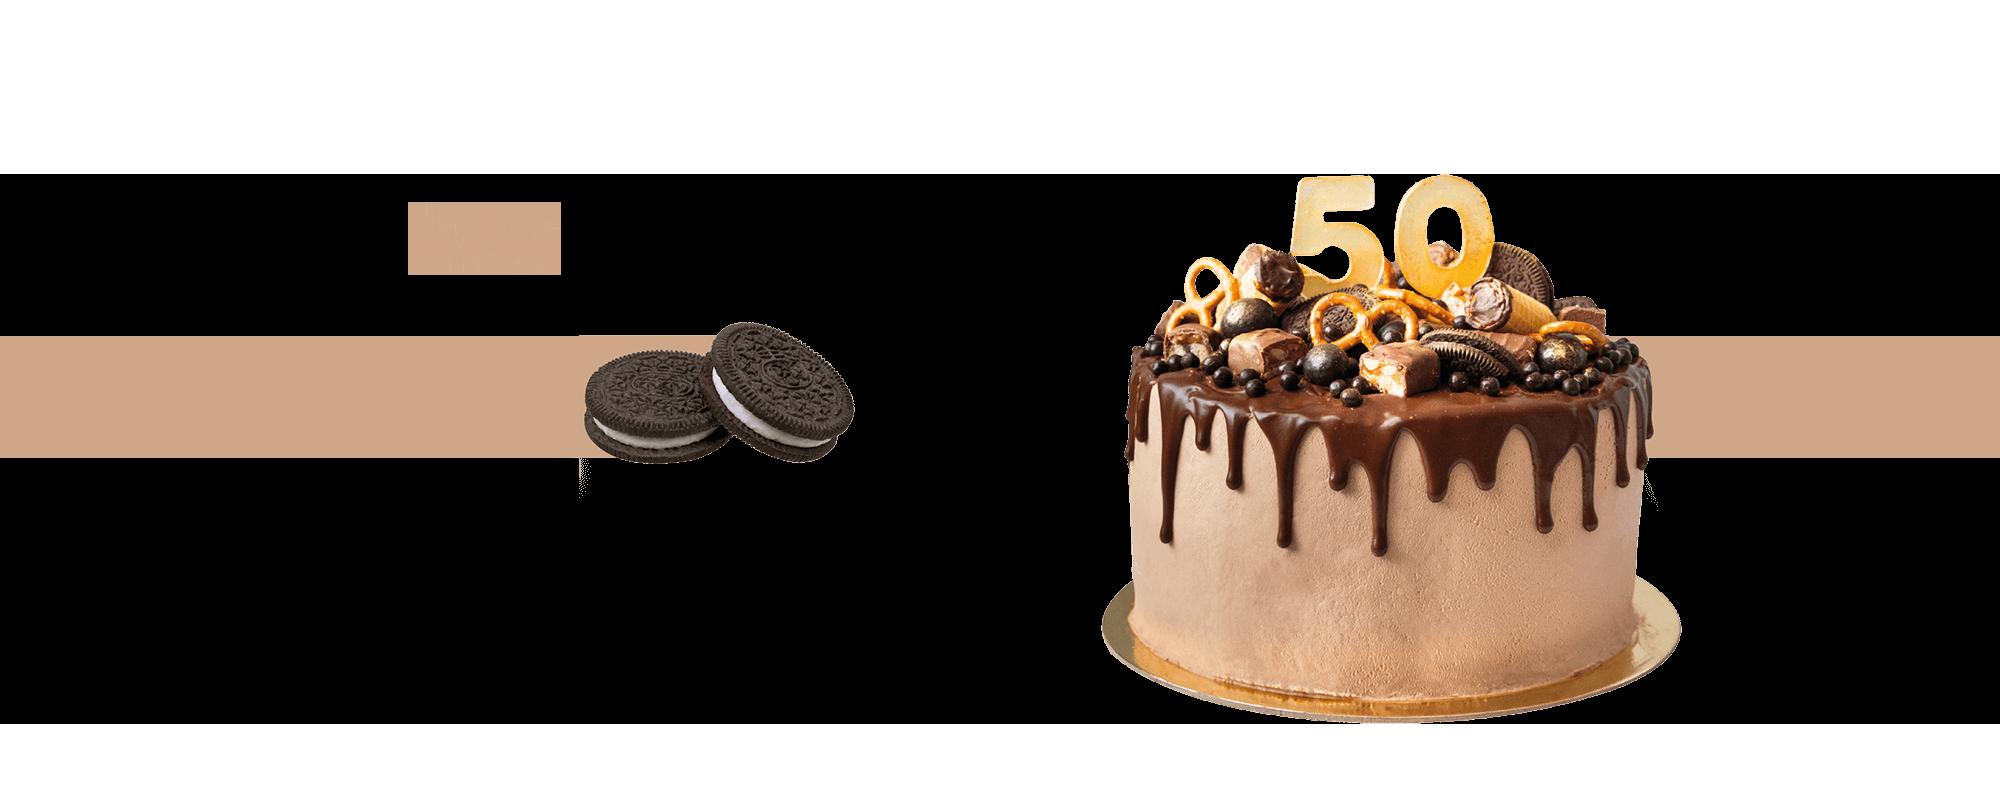 CAKE-DESIGN-DRIP-CAKE-WITH-OREO